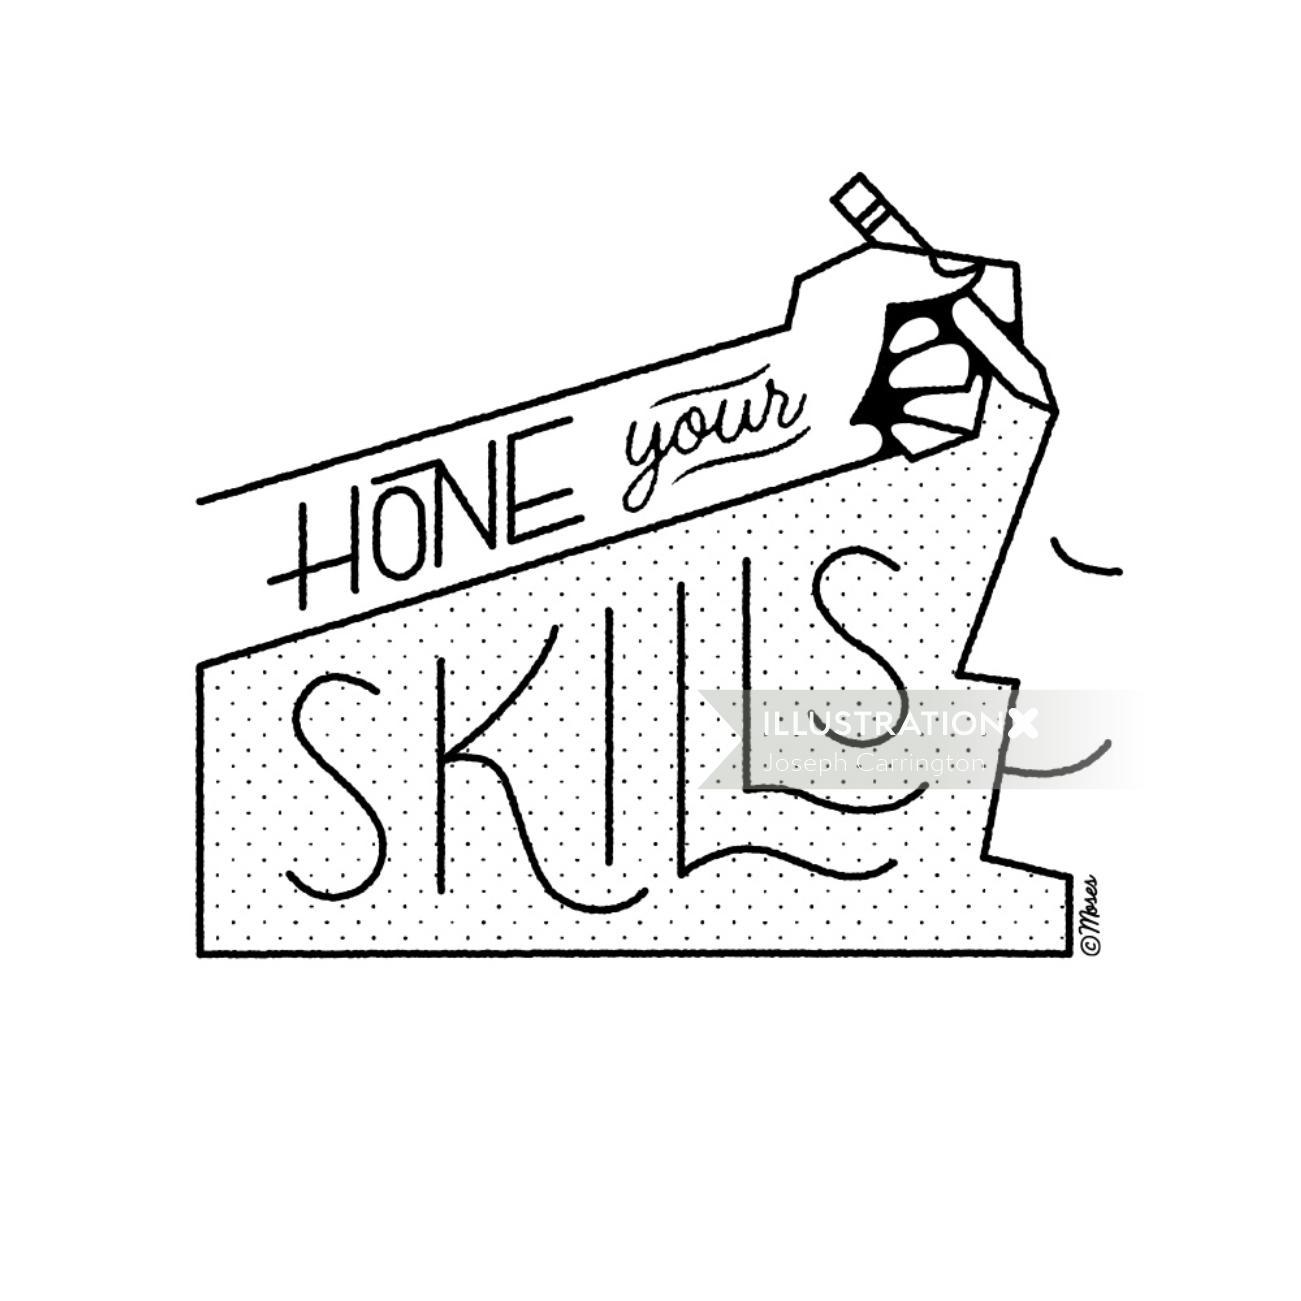 Lettering art of hone your skills